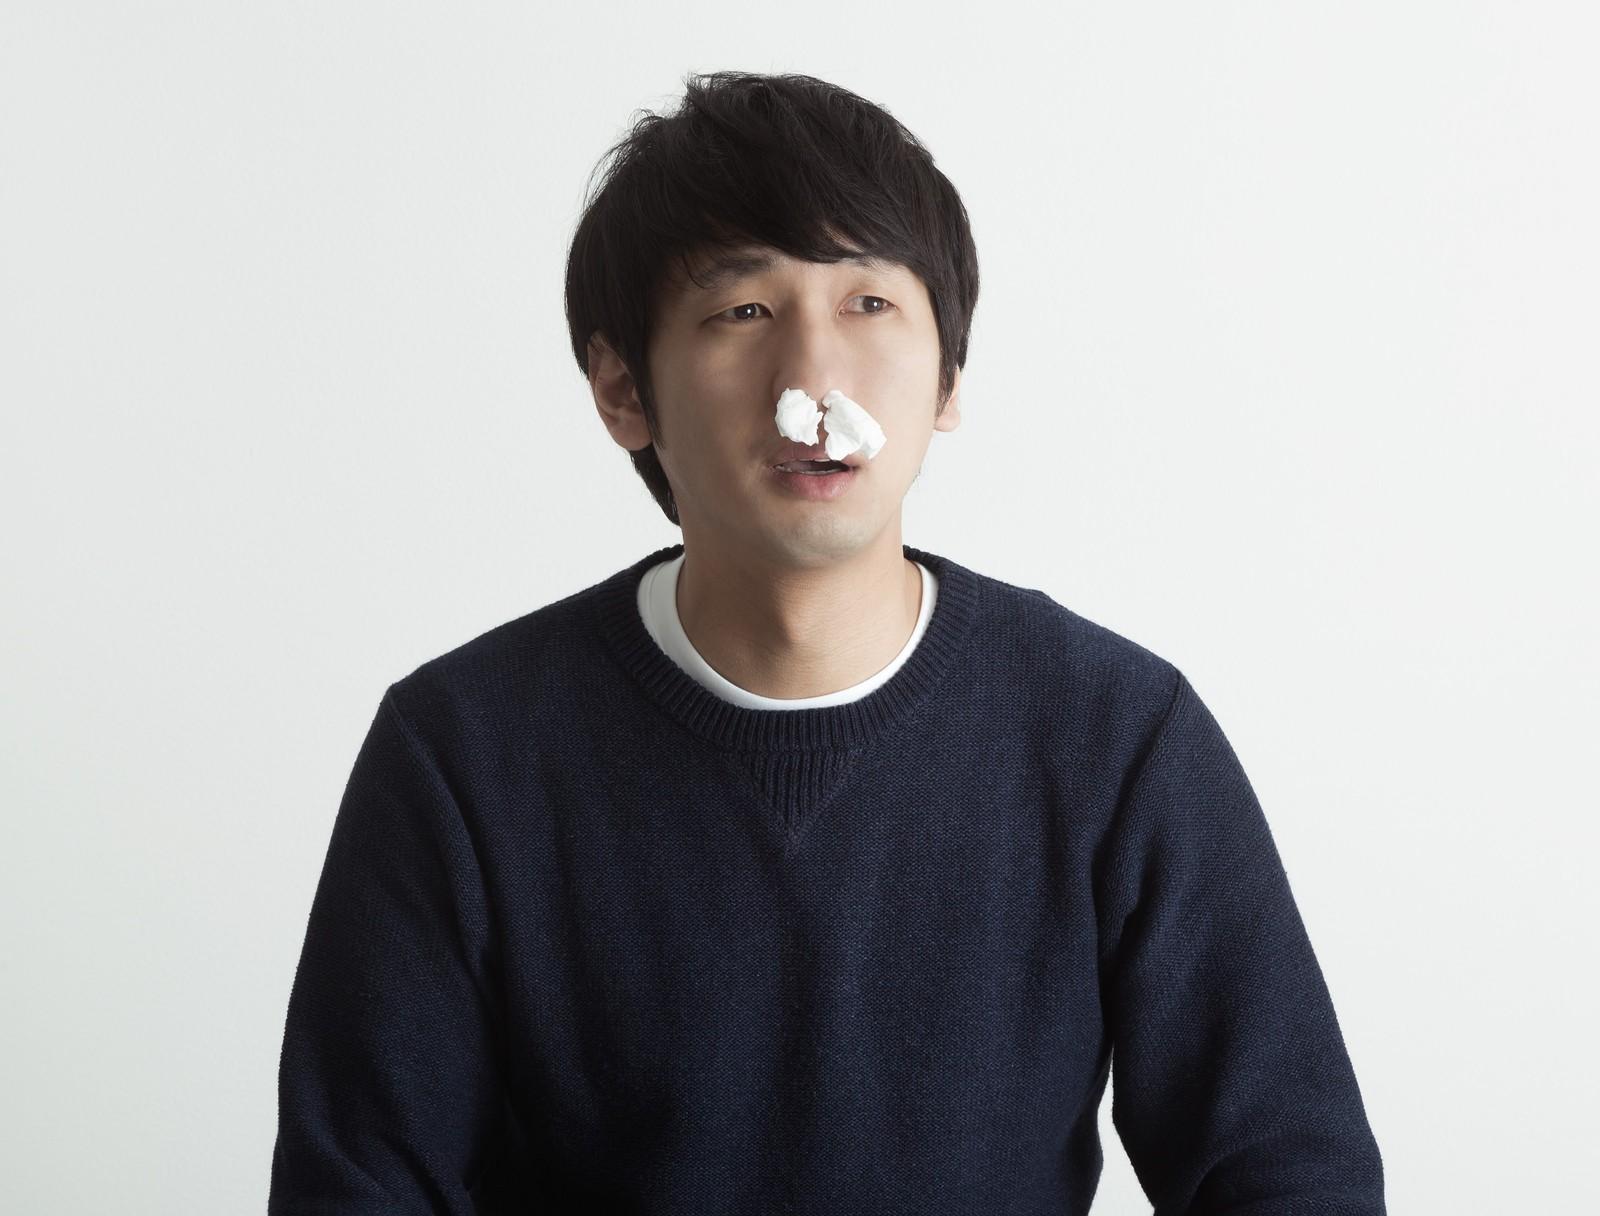 【カラオケ】風邪ひいてるけどカラオケに行きたい!!